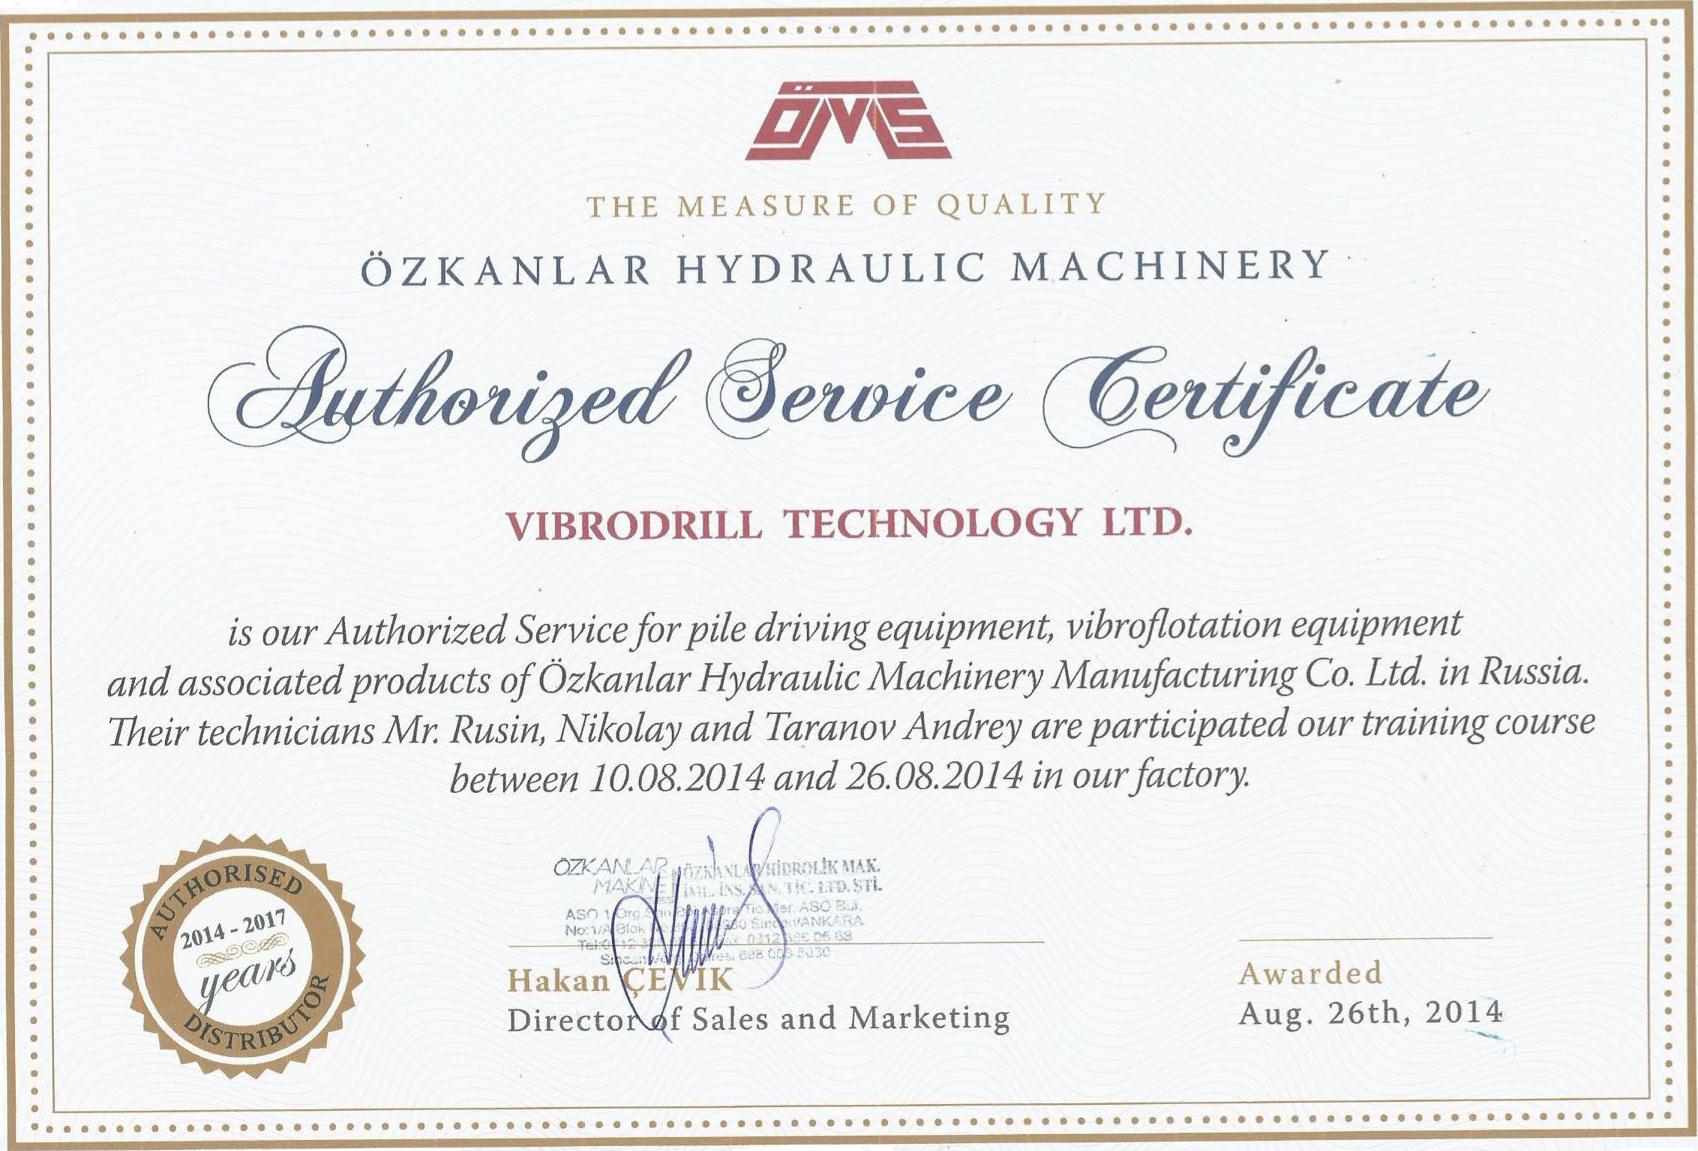 Сертификат авторизованного сервиса